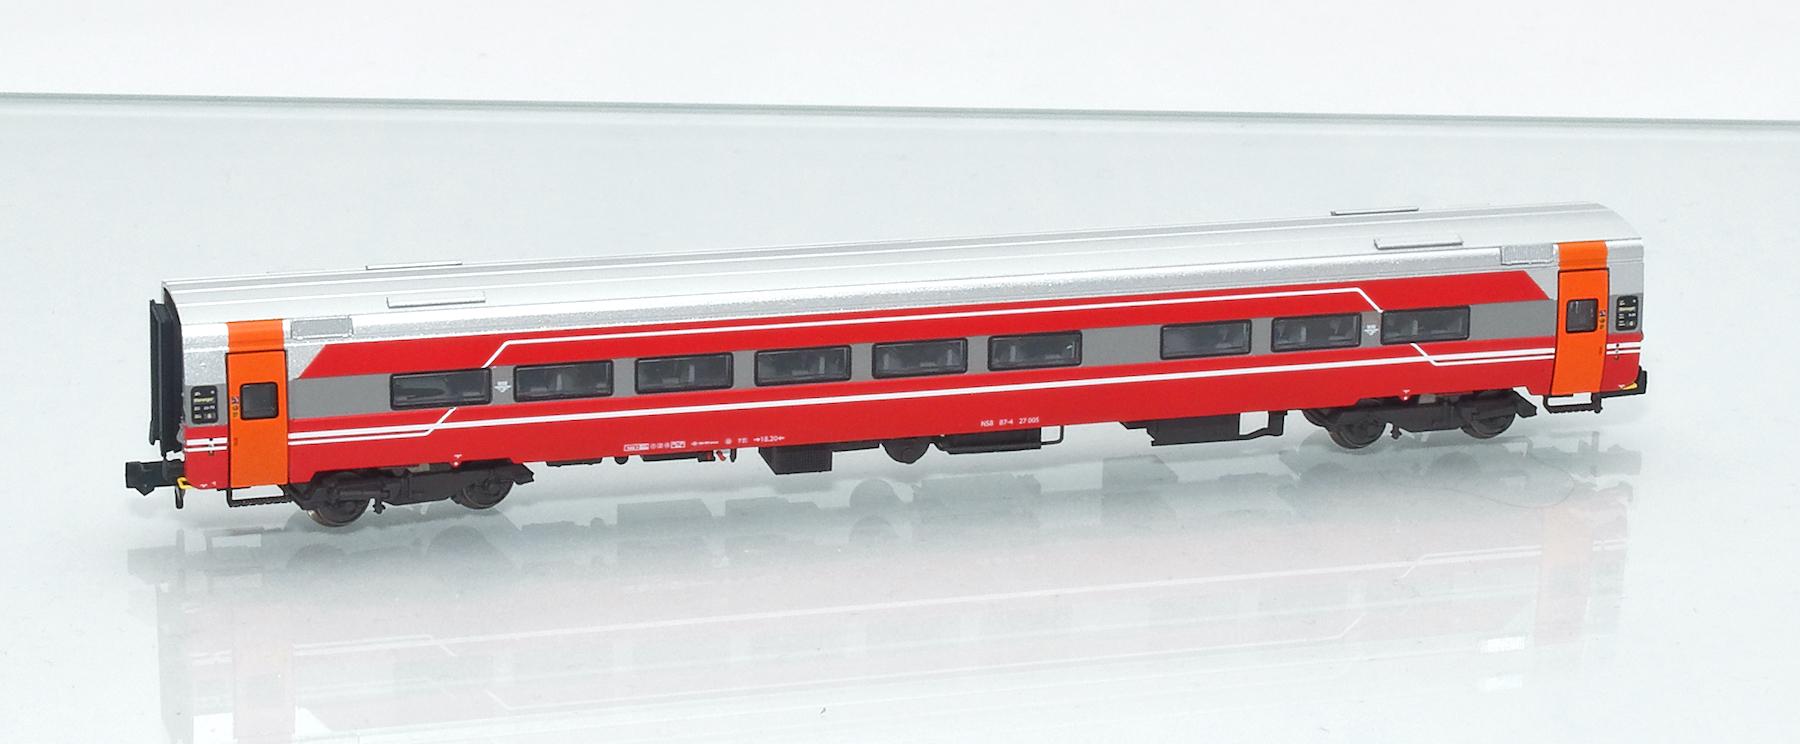 Ergänzungswagen 187605: NSB Expresszugwagen B7-4